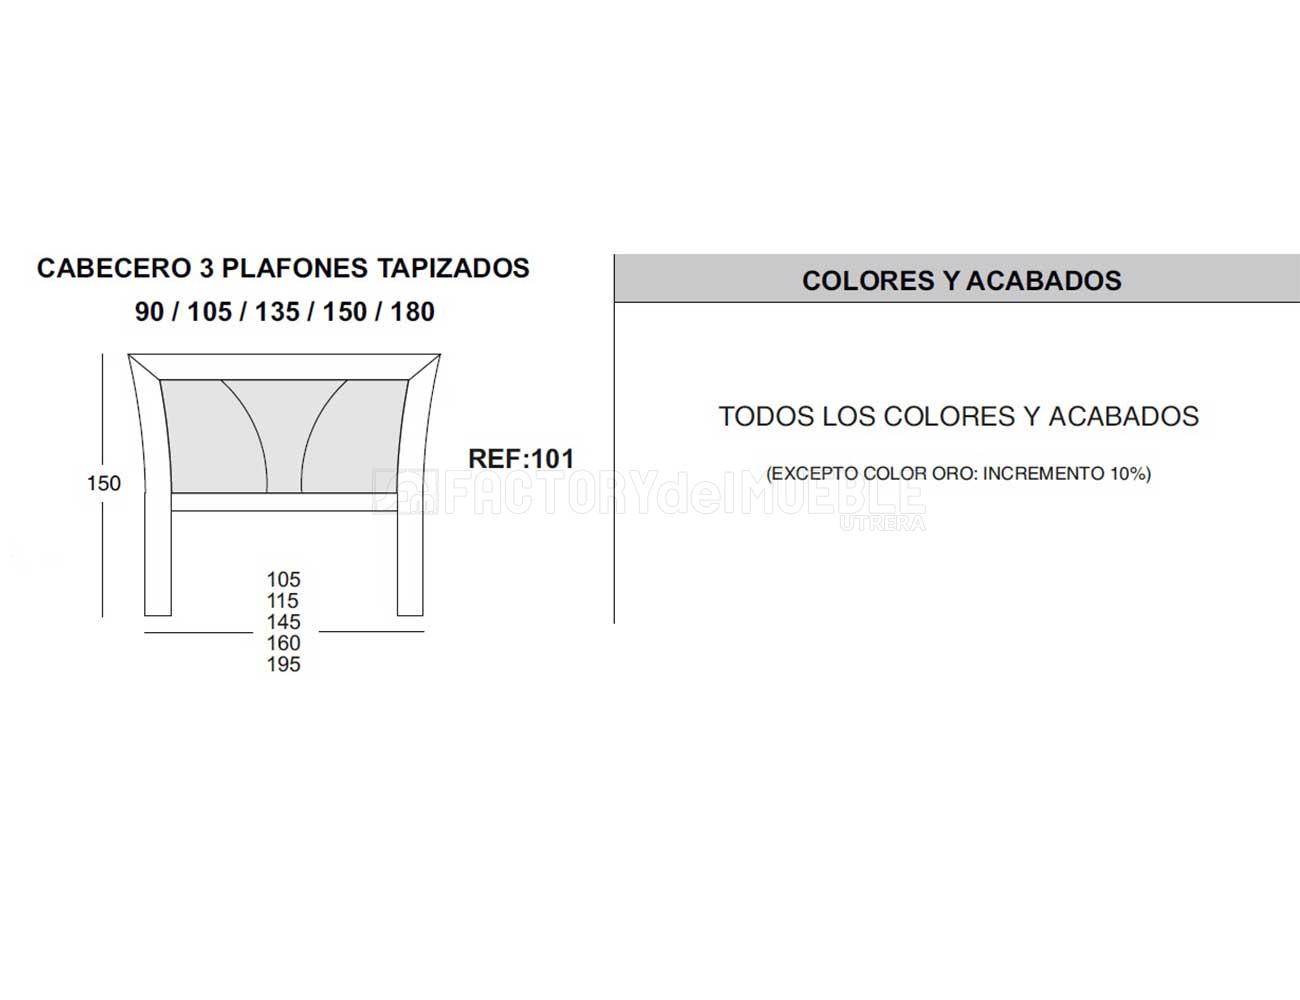 Cabecero 3 plafones tapizado ref  1011